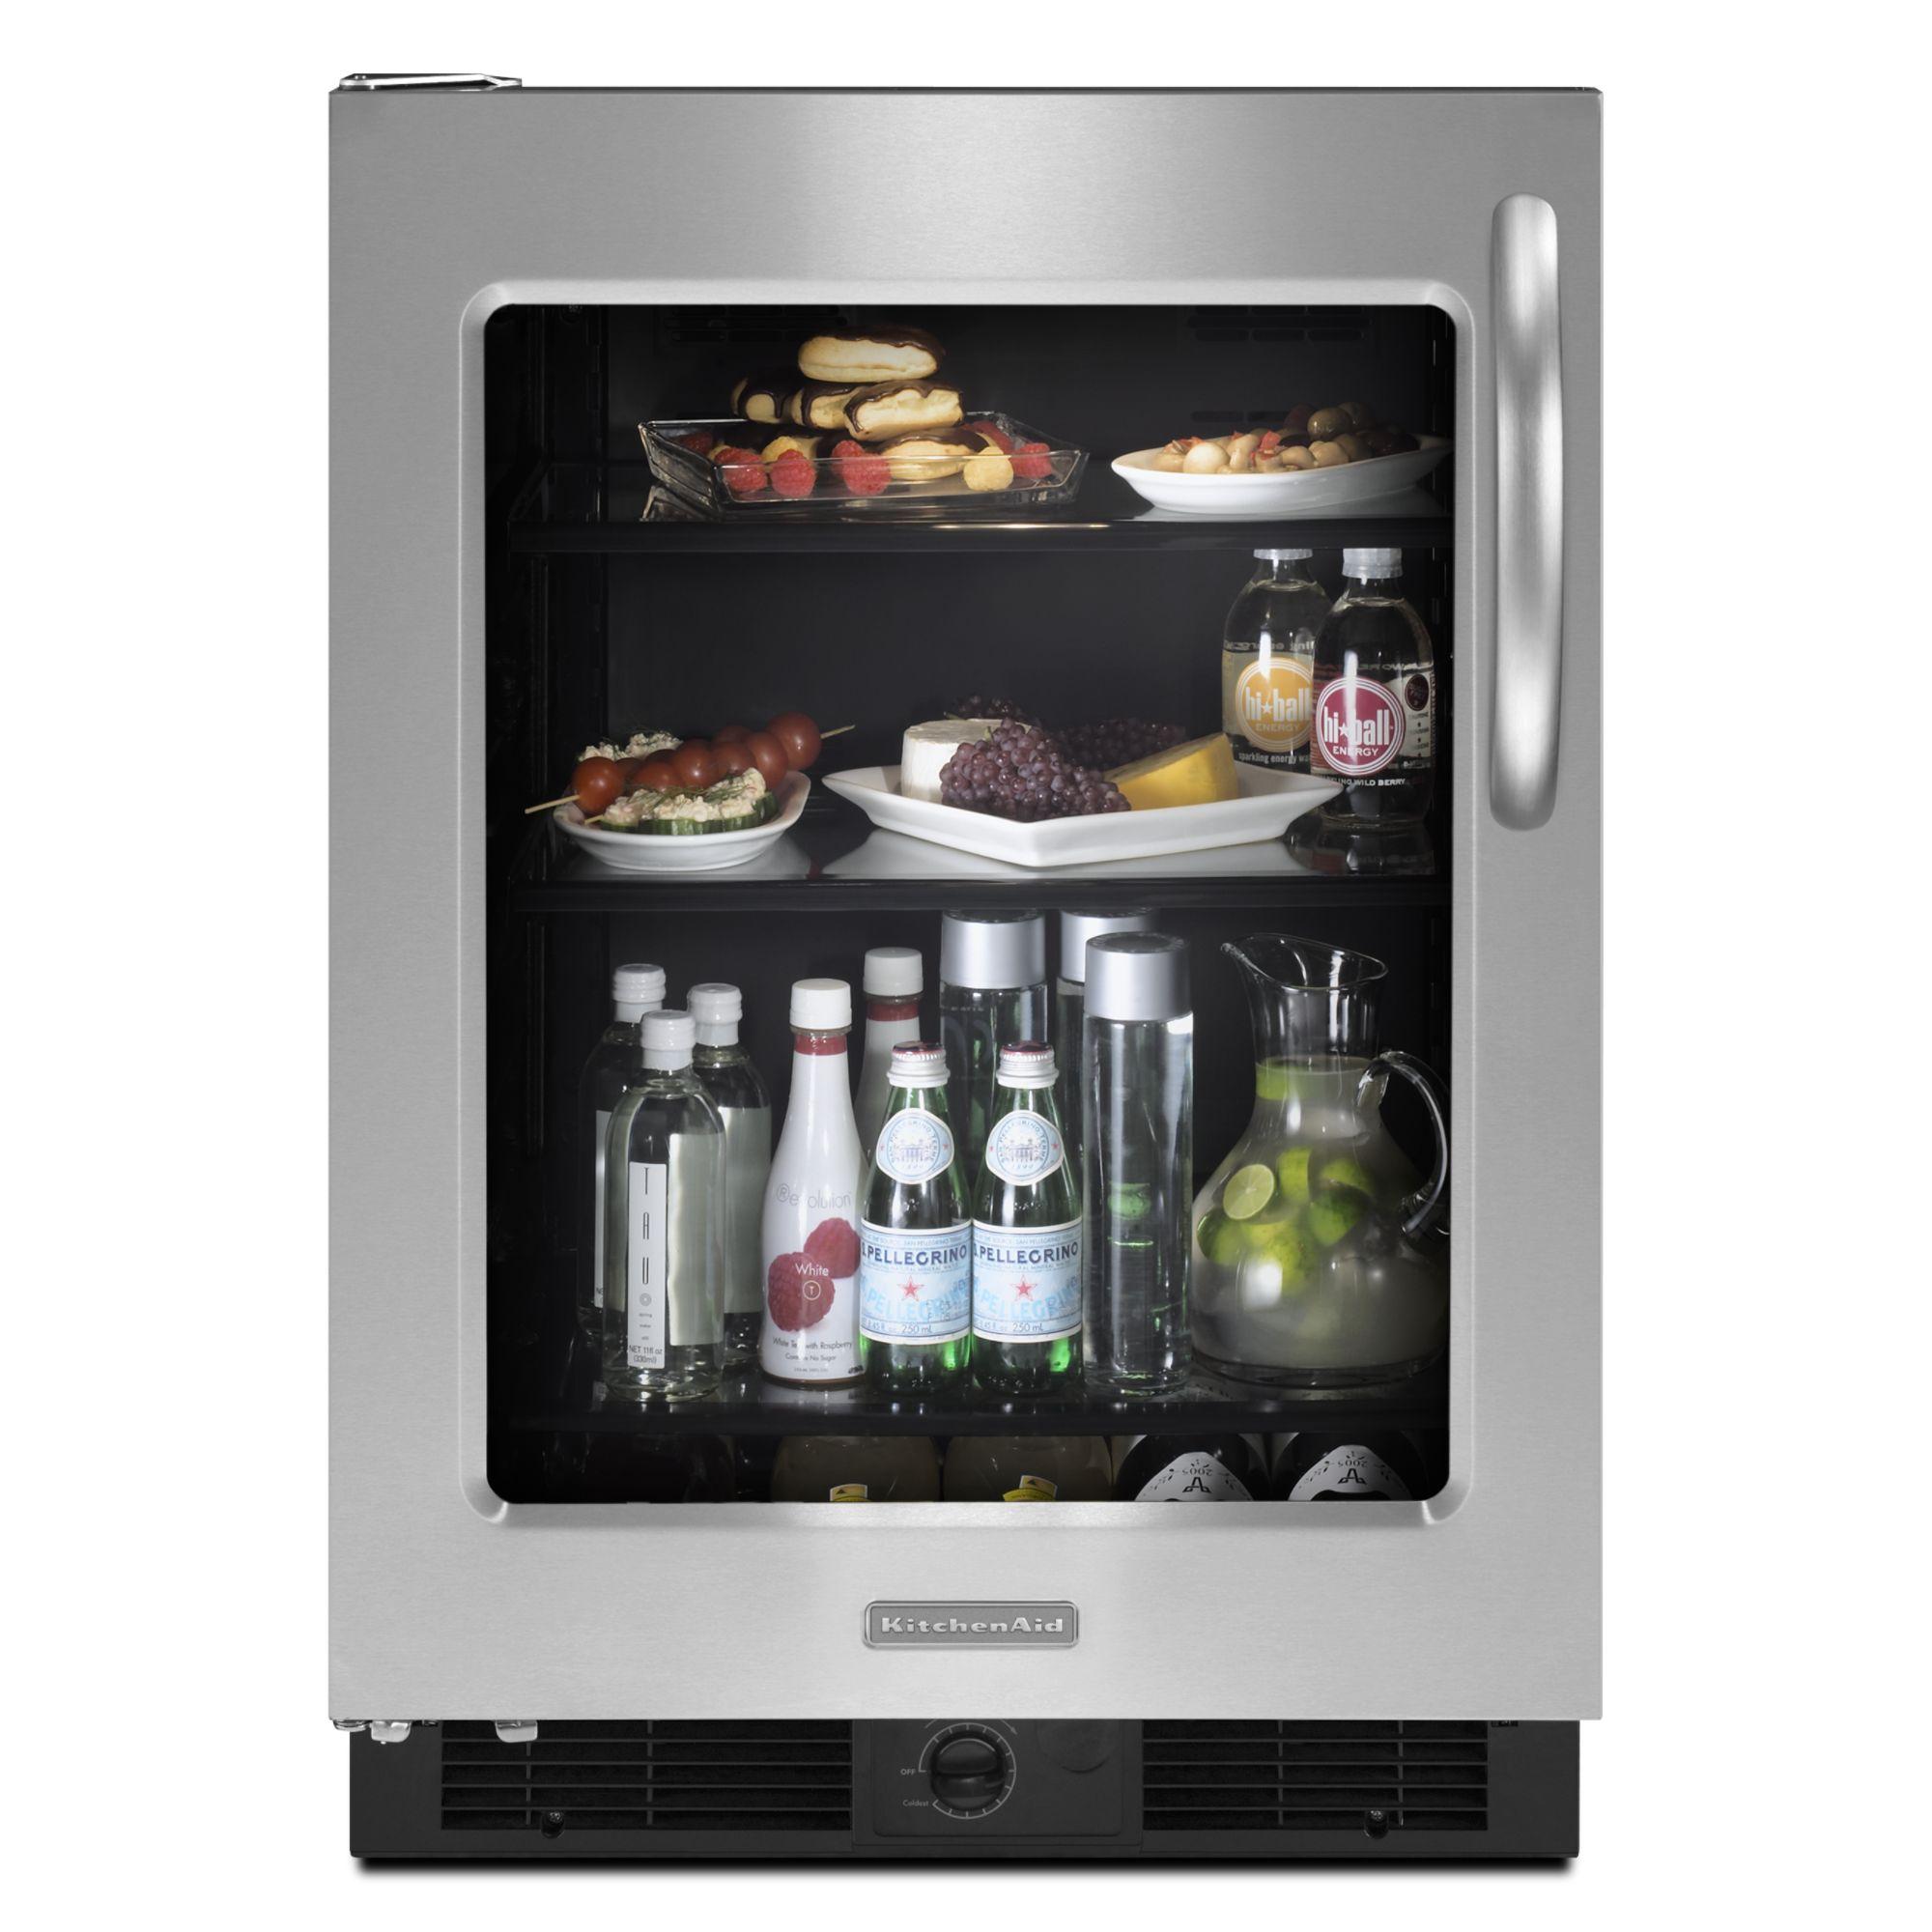 KitchenAid 5.7 cu. ft. Undercounter Refrigerator - Stainless Steel